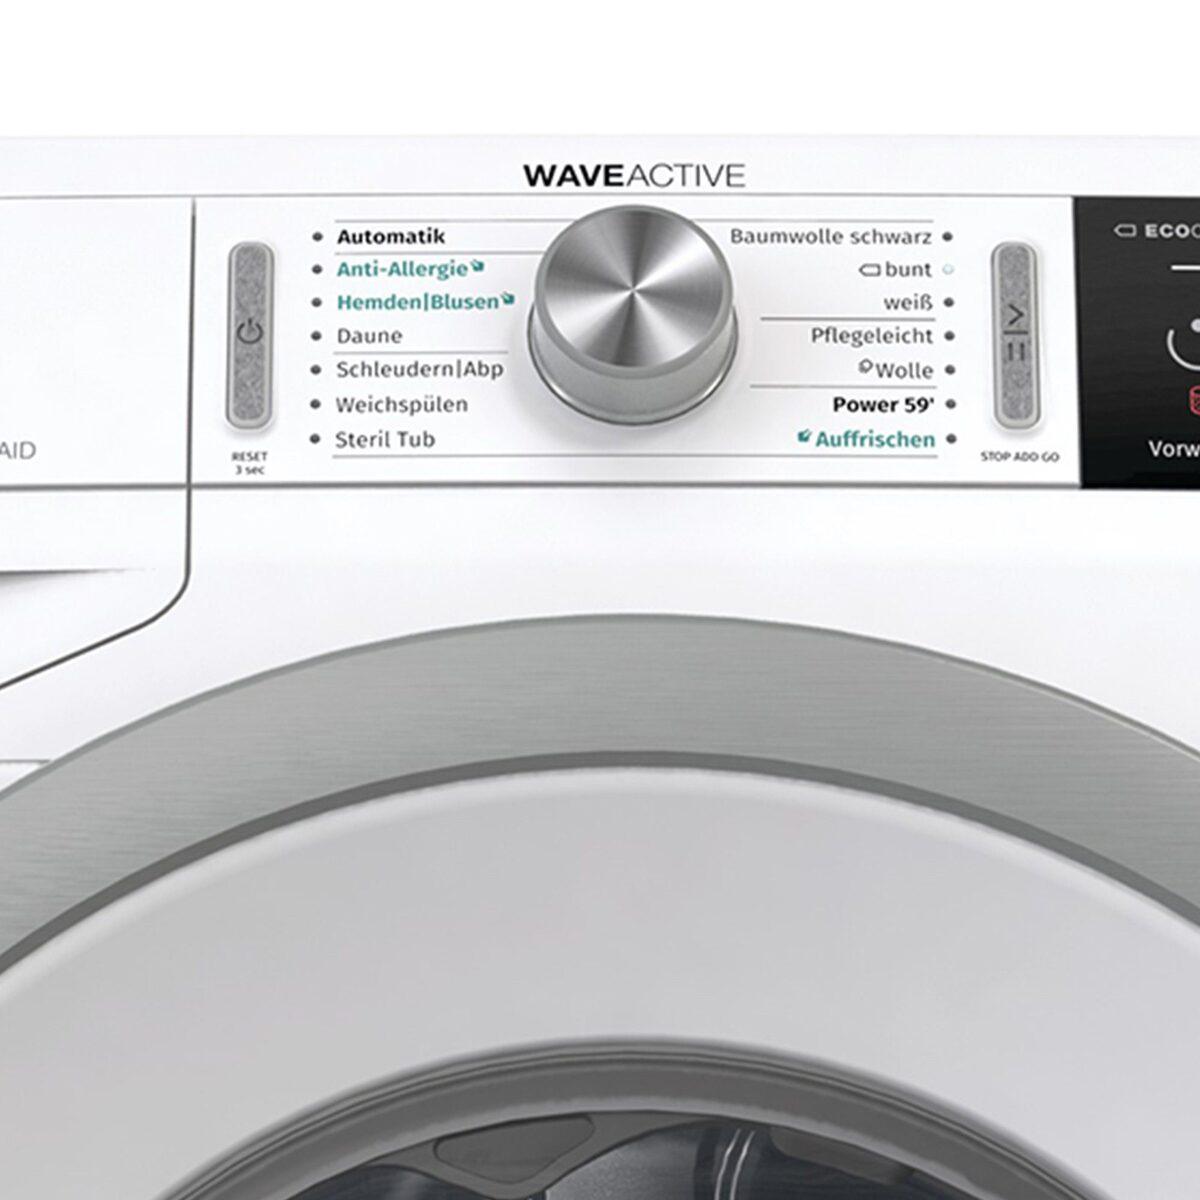 Bild 3 von GORENJE Waschmaschine WA74S3PS, 7 kg, 1400 U/Min, LED Display WaveActive Trommel Inverter PowerDrive Motor